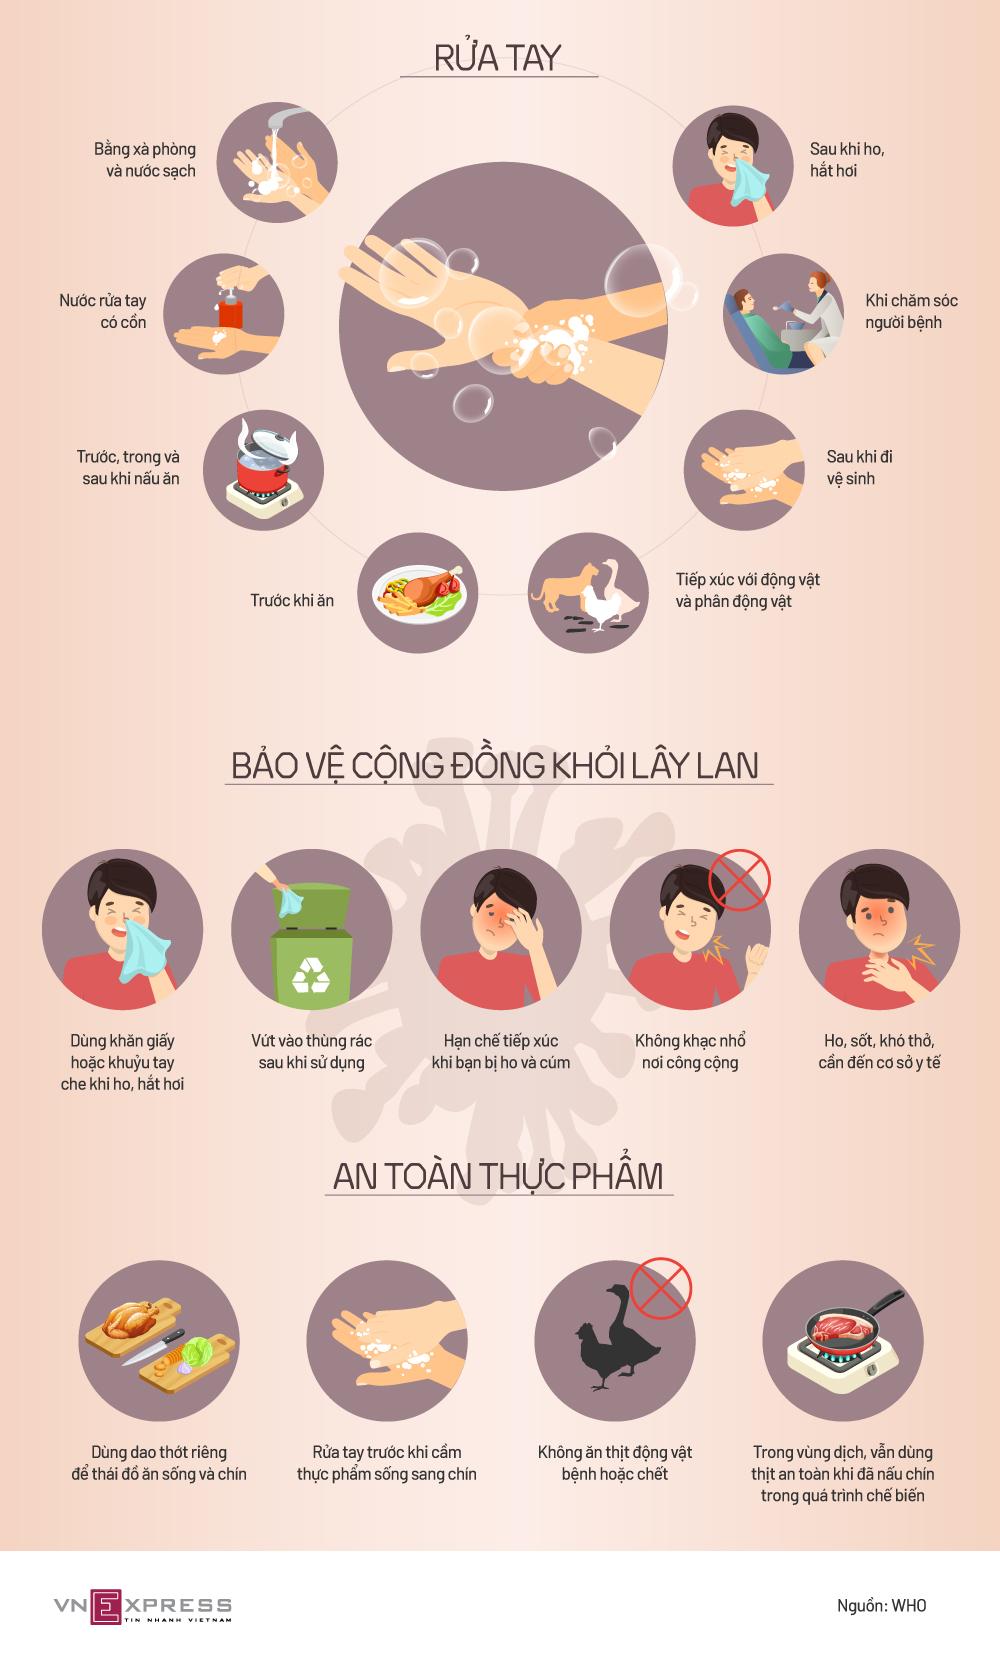 Khuyến cáo phòng nCoV của Tổ chức Y tế Thế giới